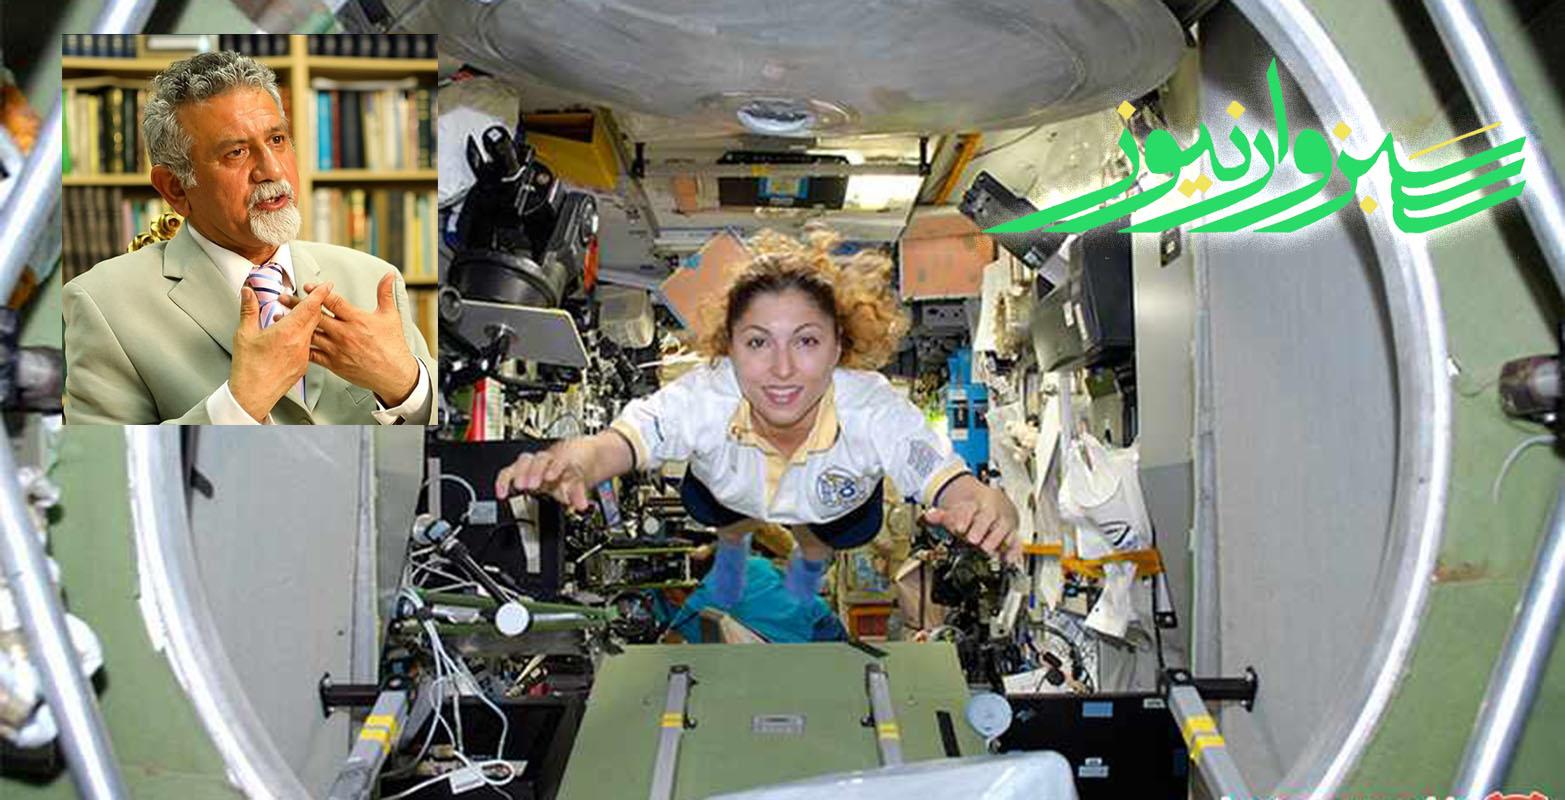 پروفسور امین در یادداشتی به استقبال تولد نخستین زن گردشگر فضایی رفت